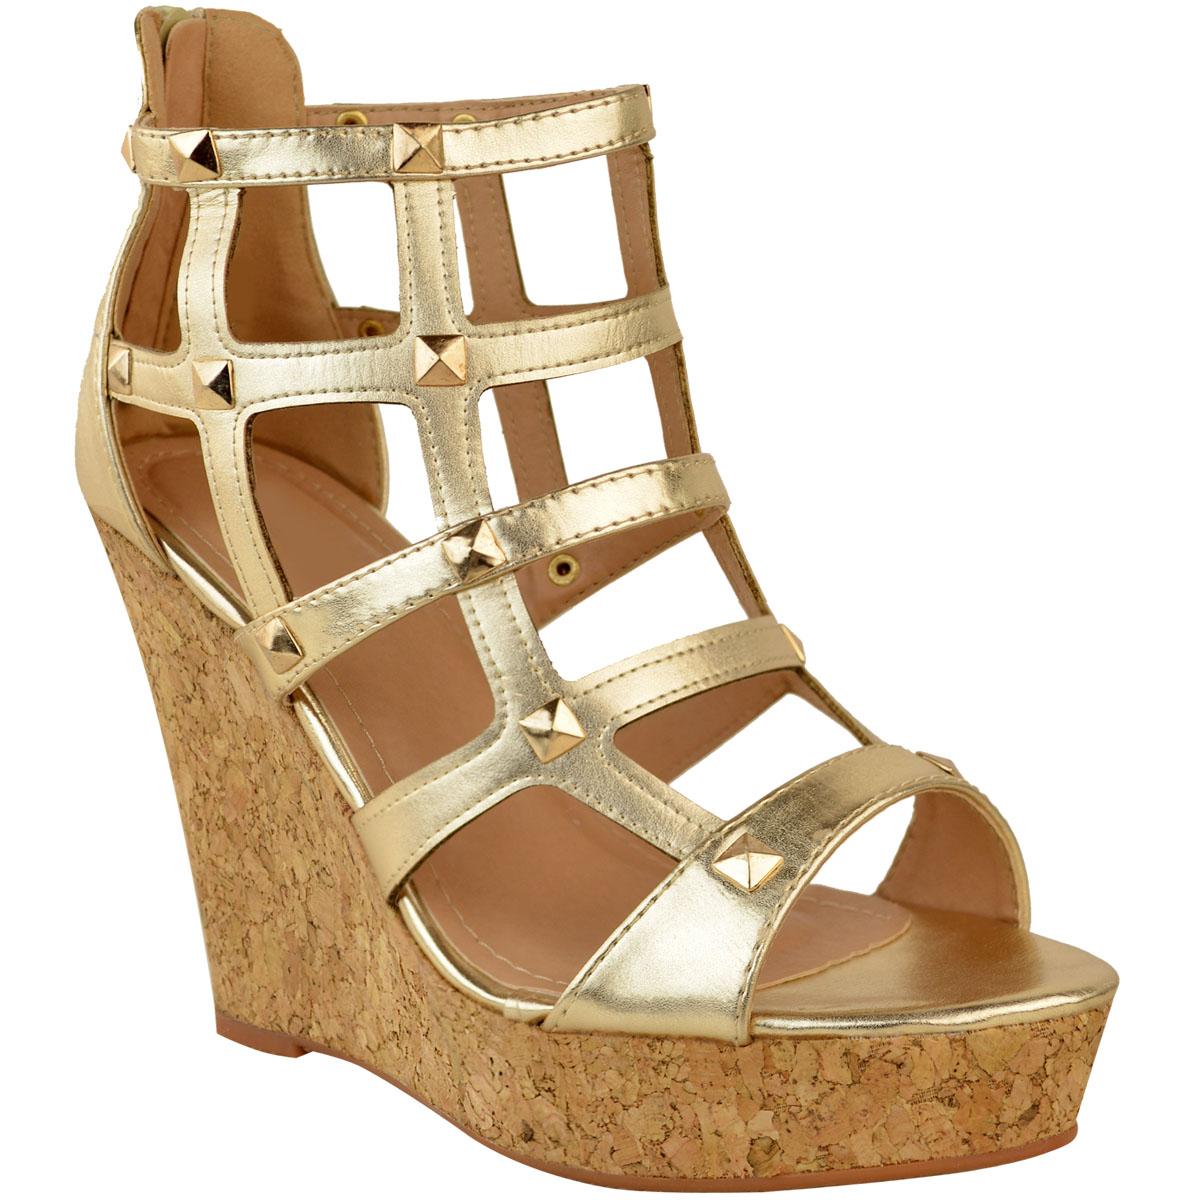 mirada detallada 8c217 cb6c2 Detalles acerca de Sandalias de mujer señoras Cuña Tacones Altos Con Jaula  De Verano Fiesta Gladiador Zapatos Talla- mostrar título original